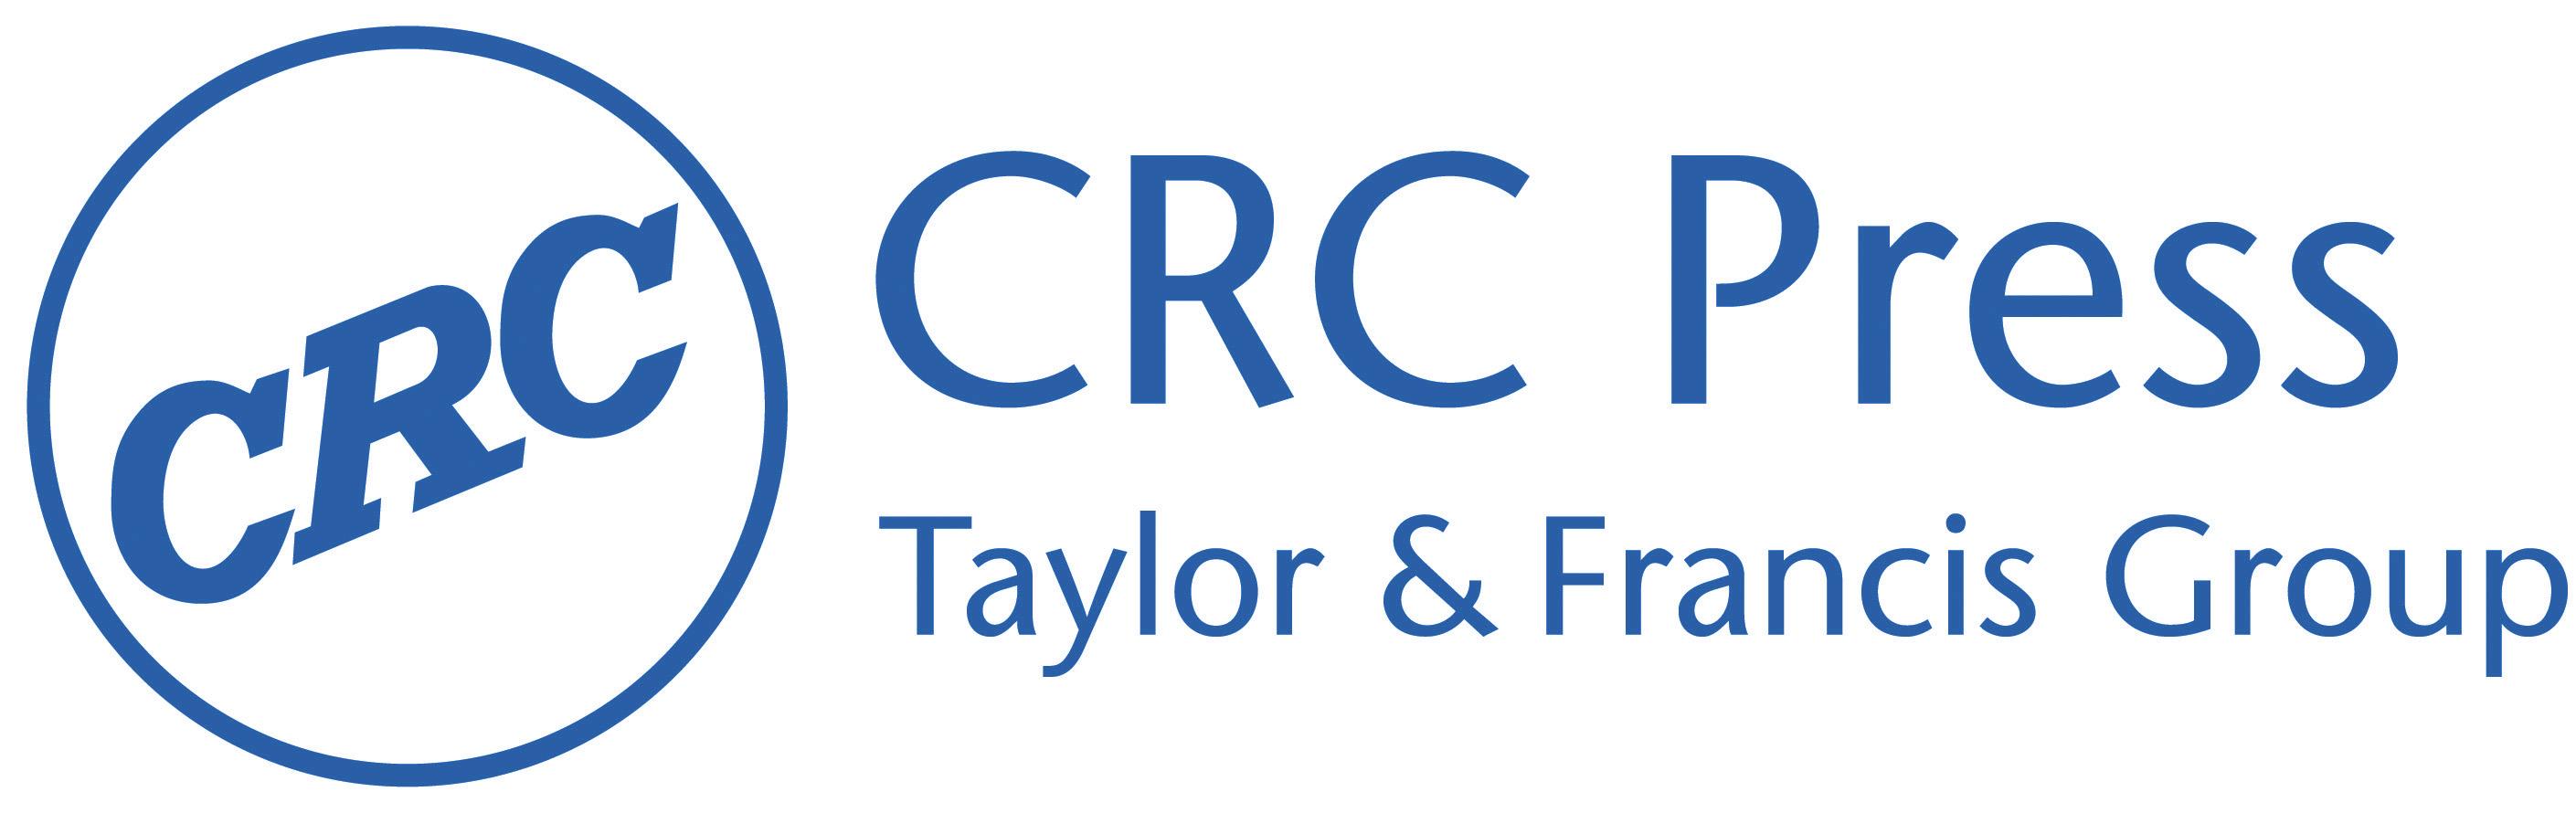 CRC PRESS - Taylor & Francis Group